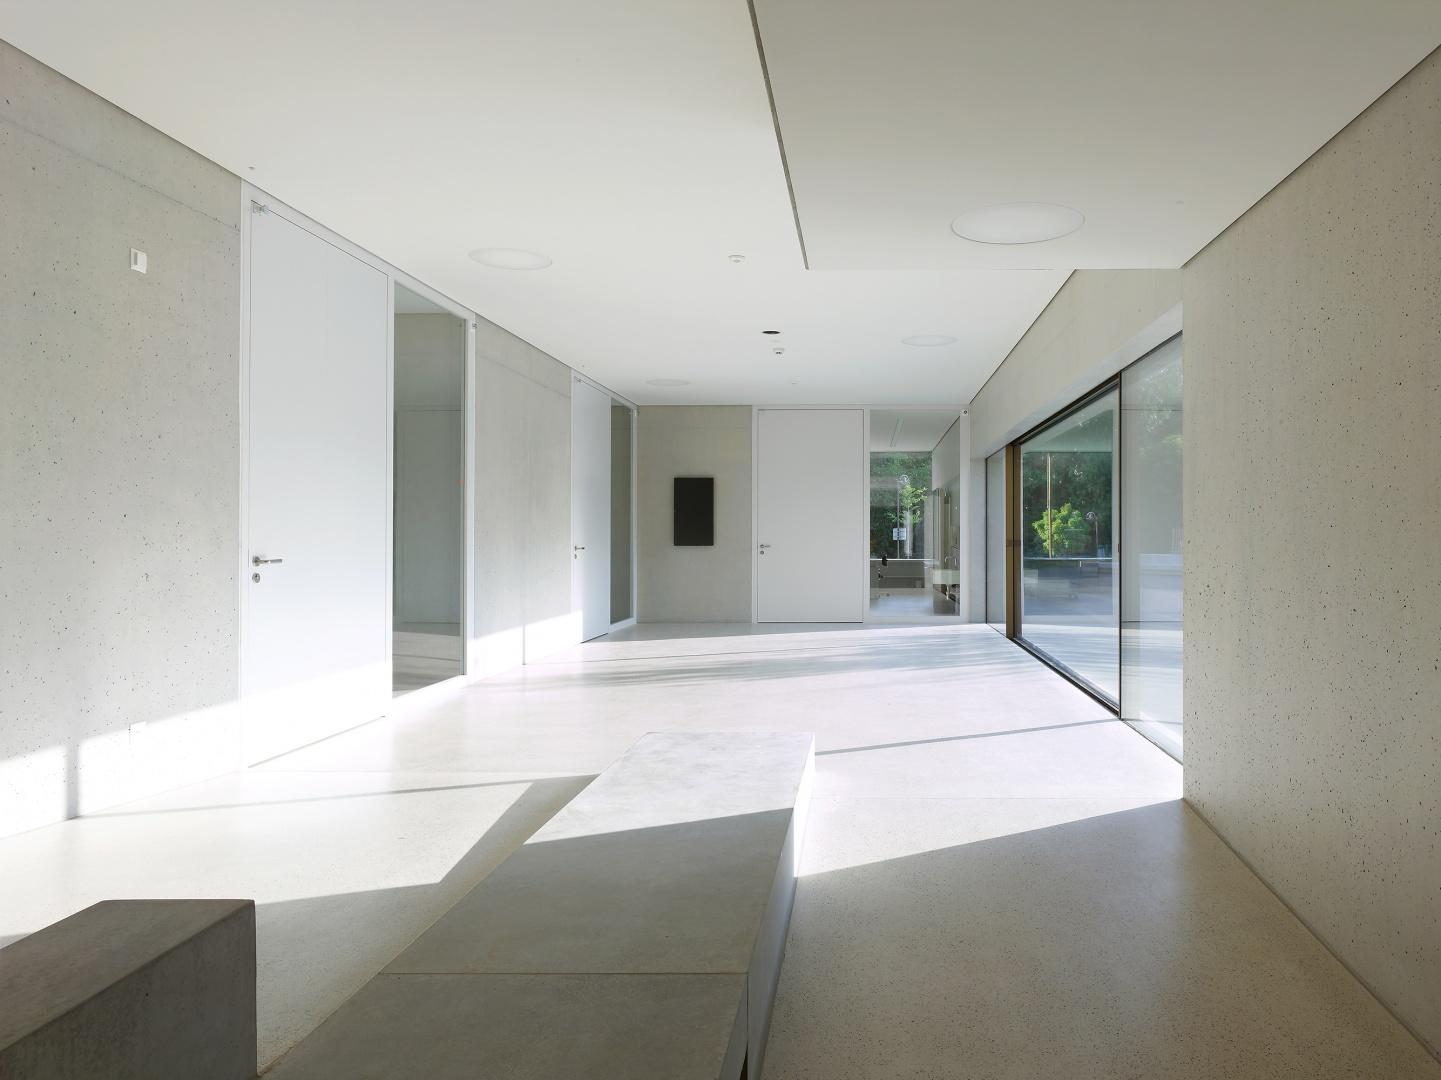 couloir et entrée salles © Thomas Jantscher